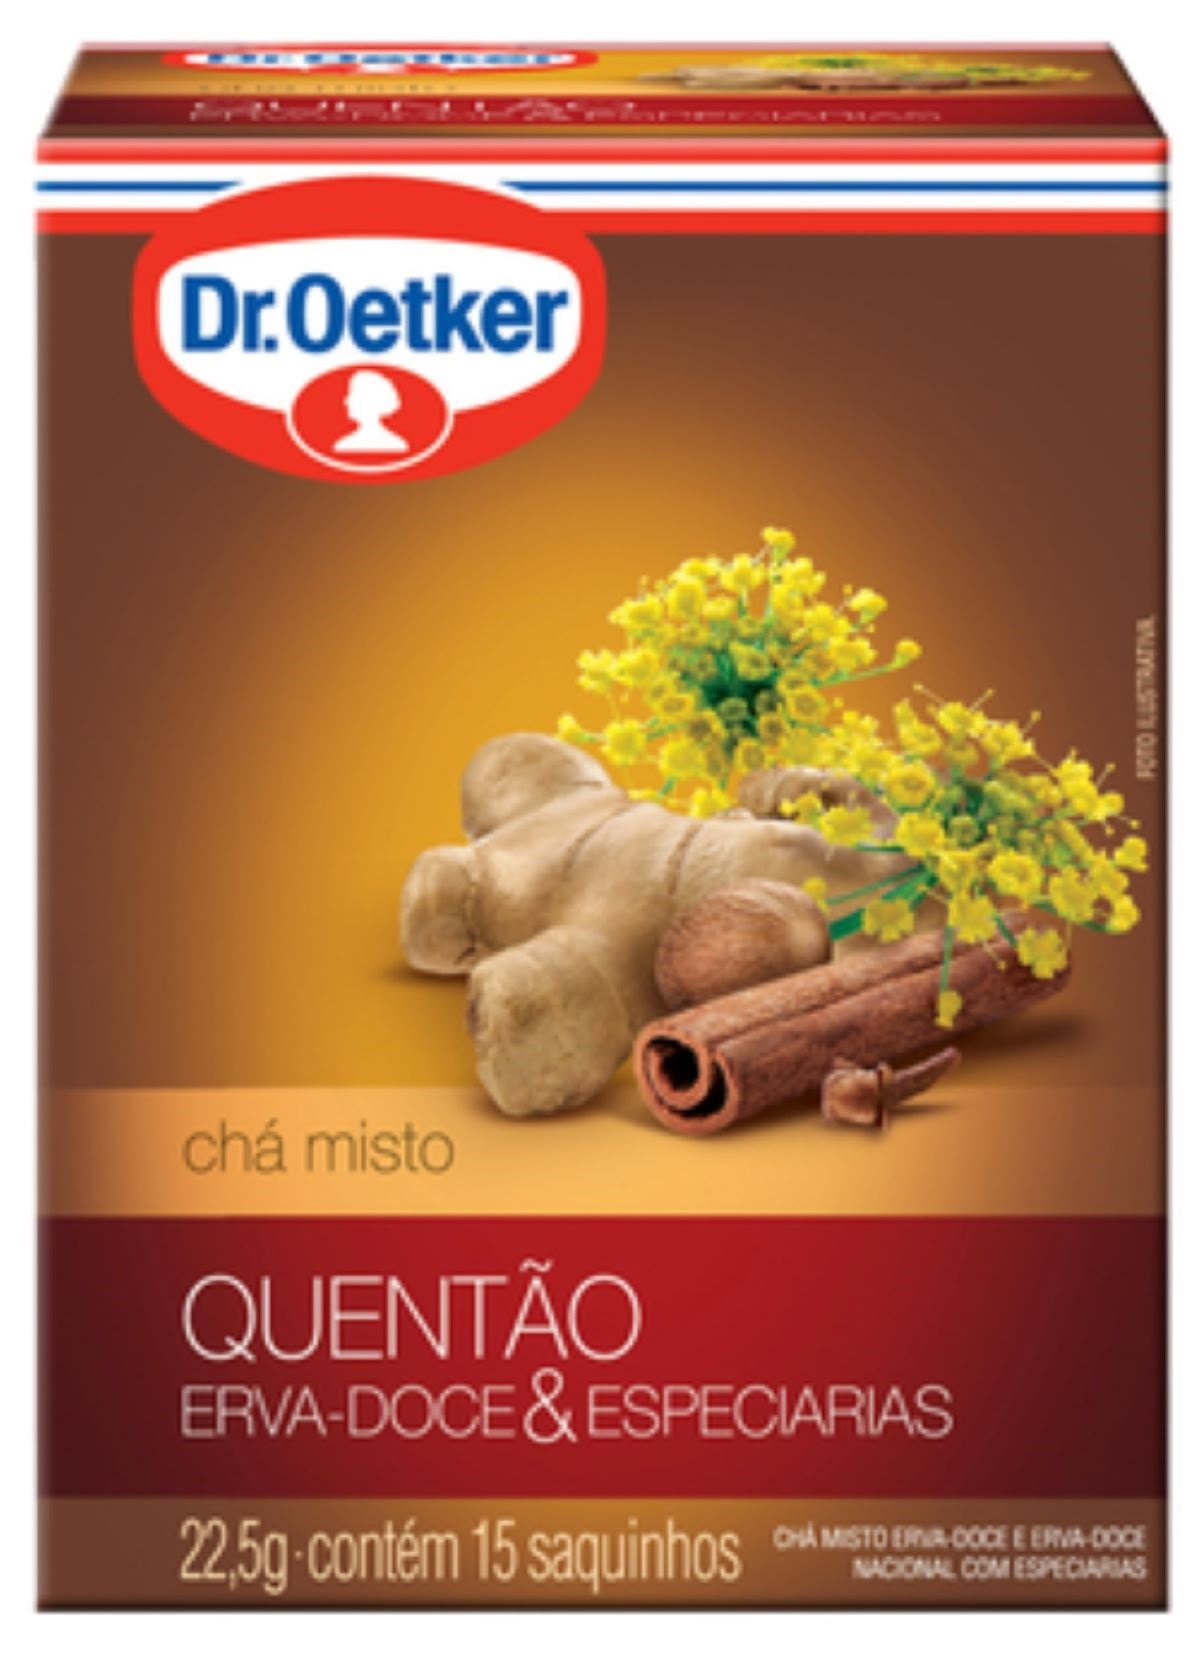 CHÁ DE QUENTÃO KIT COM 02 CAIXAS - DR. OETKER